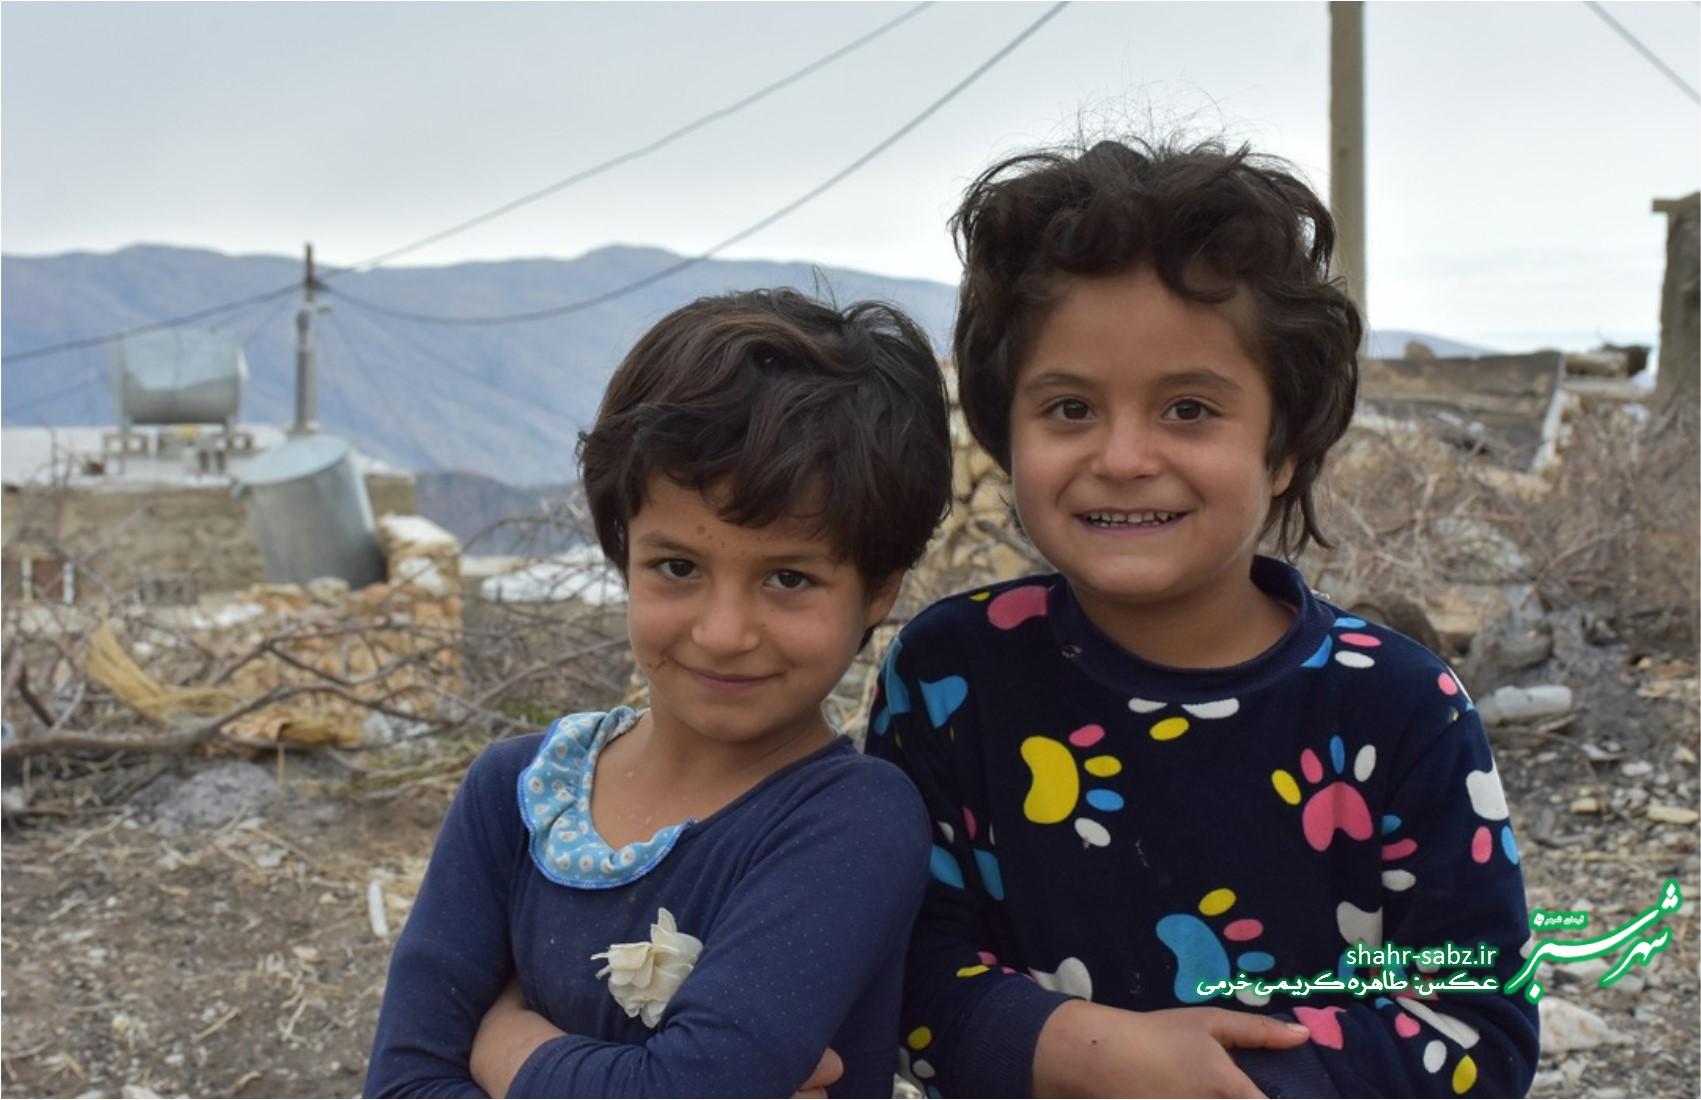 دختران روستای کنده ای/ عکس: طاهره کریمی خرمی